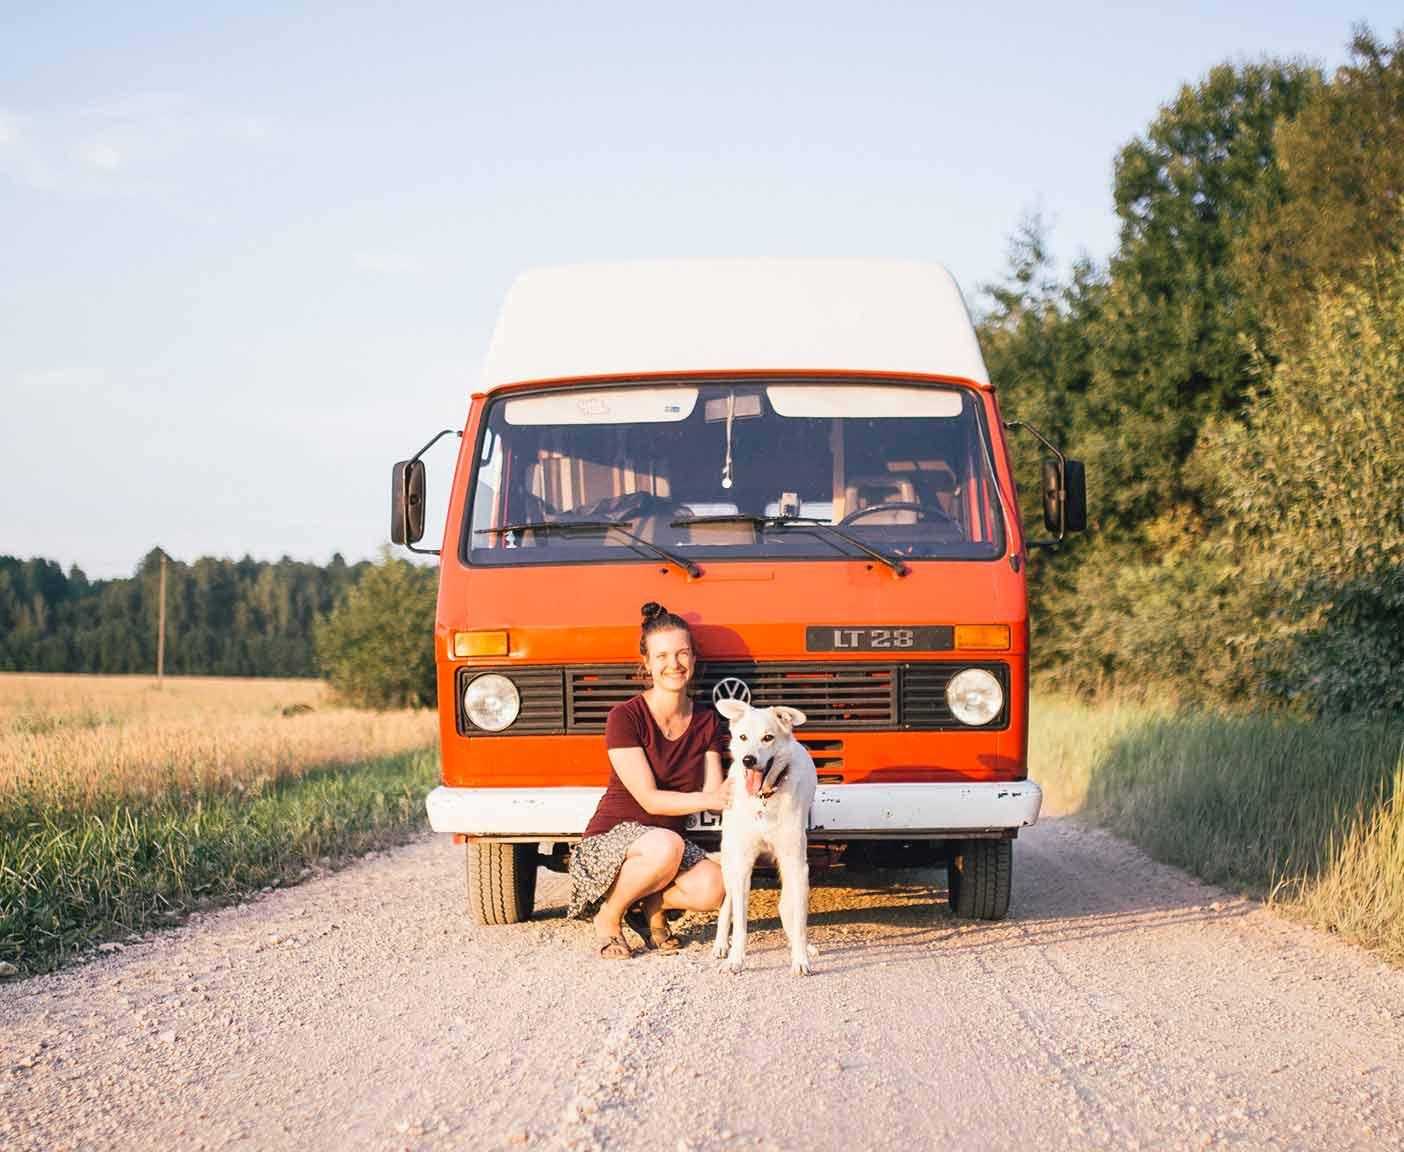 alleine-reisen-frauen-wohnmobil-suedeuropa-volkswagen-vw-lt-28